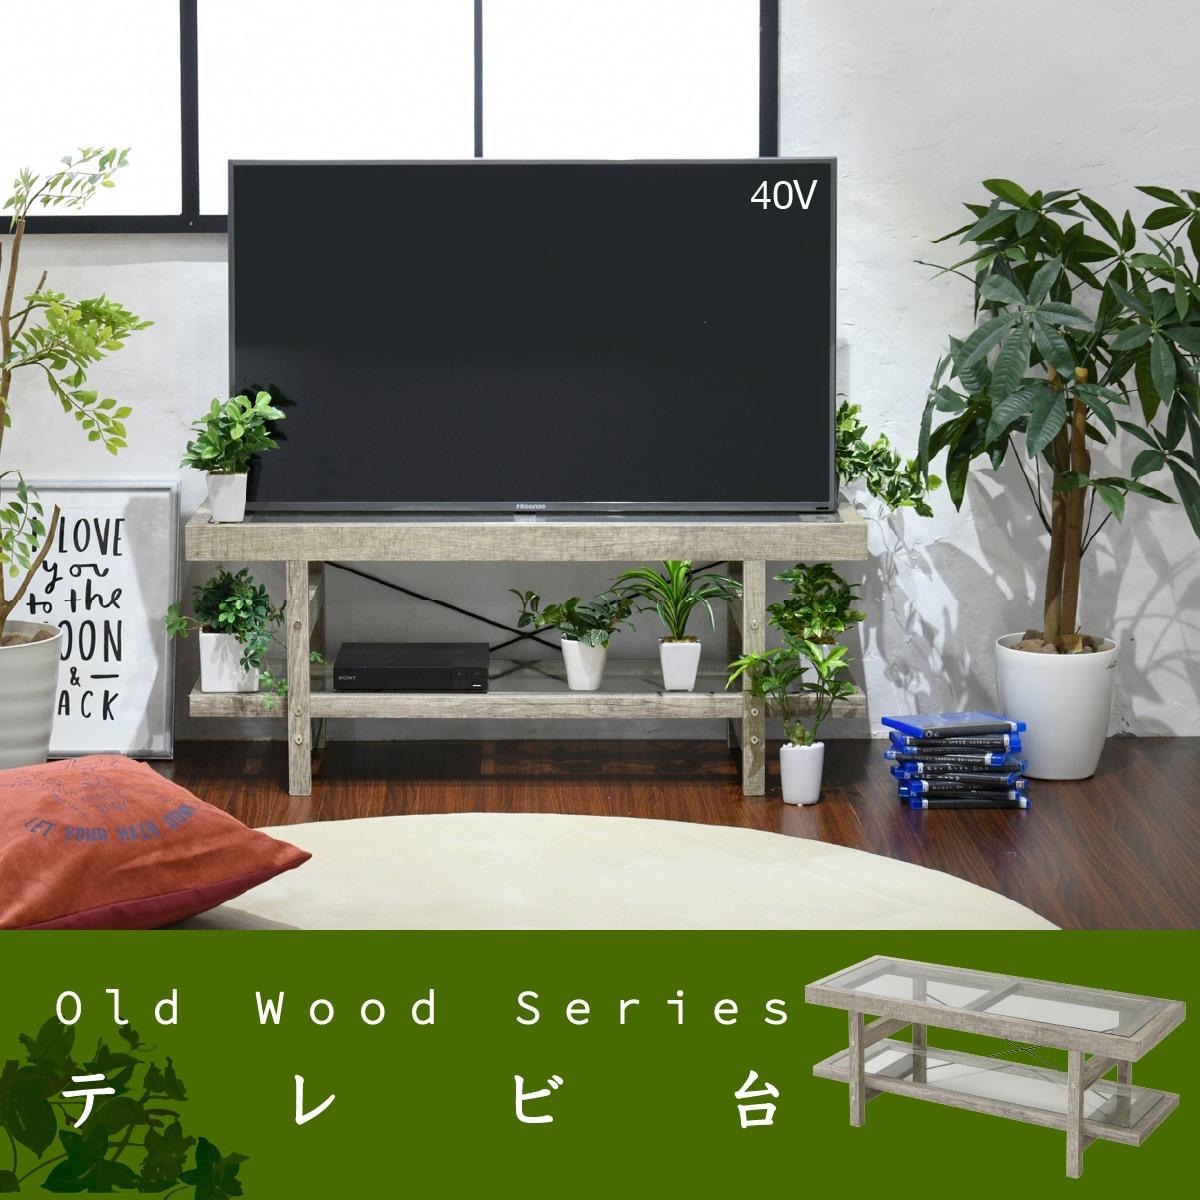 古木シリーズ テレビ台 ガラス 幅100 奥行36 古木風 40インチ テレビボードFAW-0006